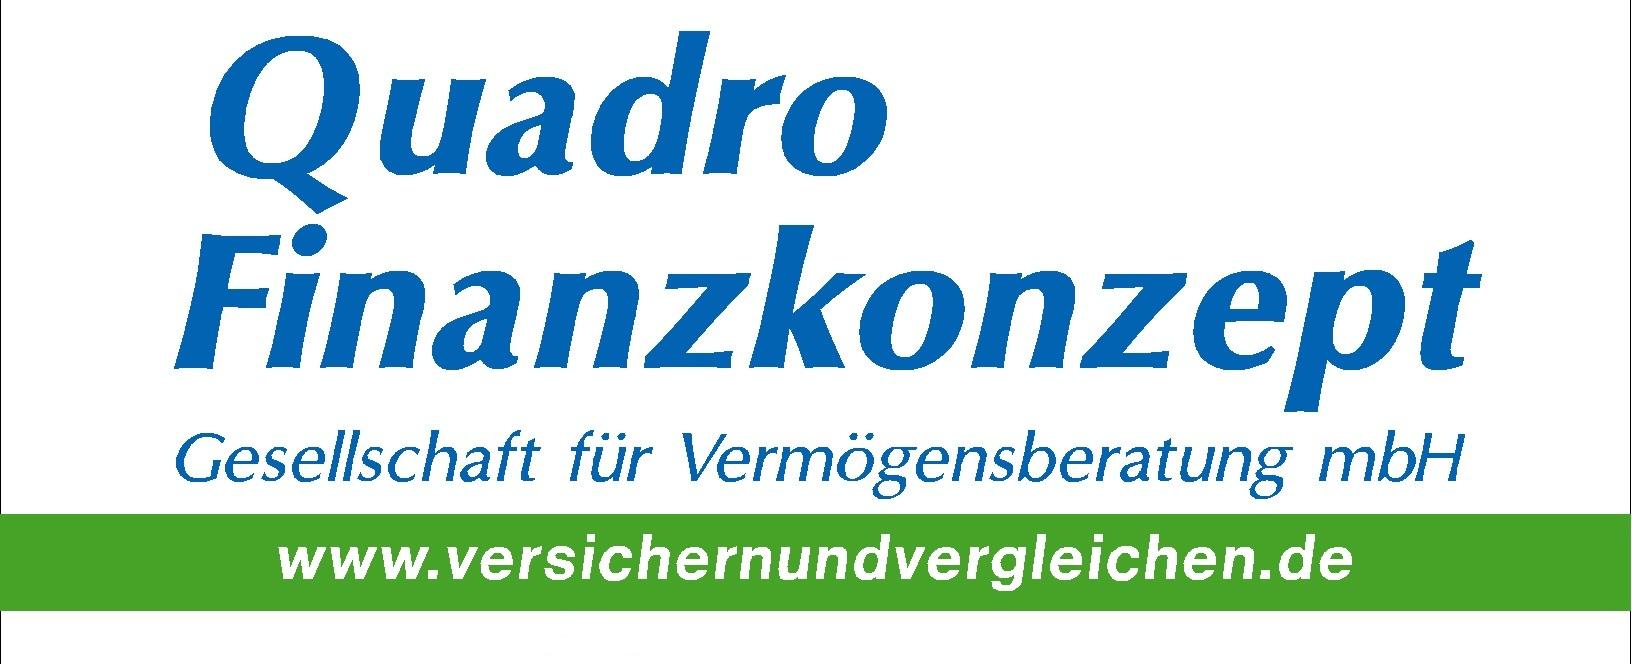 versichernundvergleichen.de-Logo